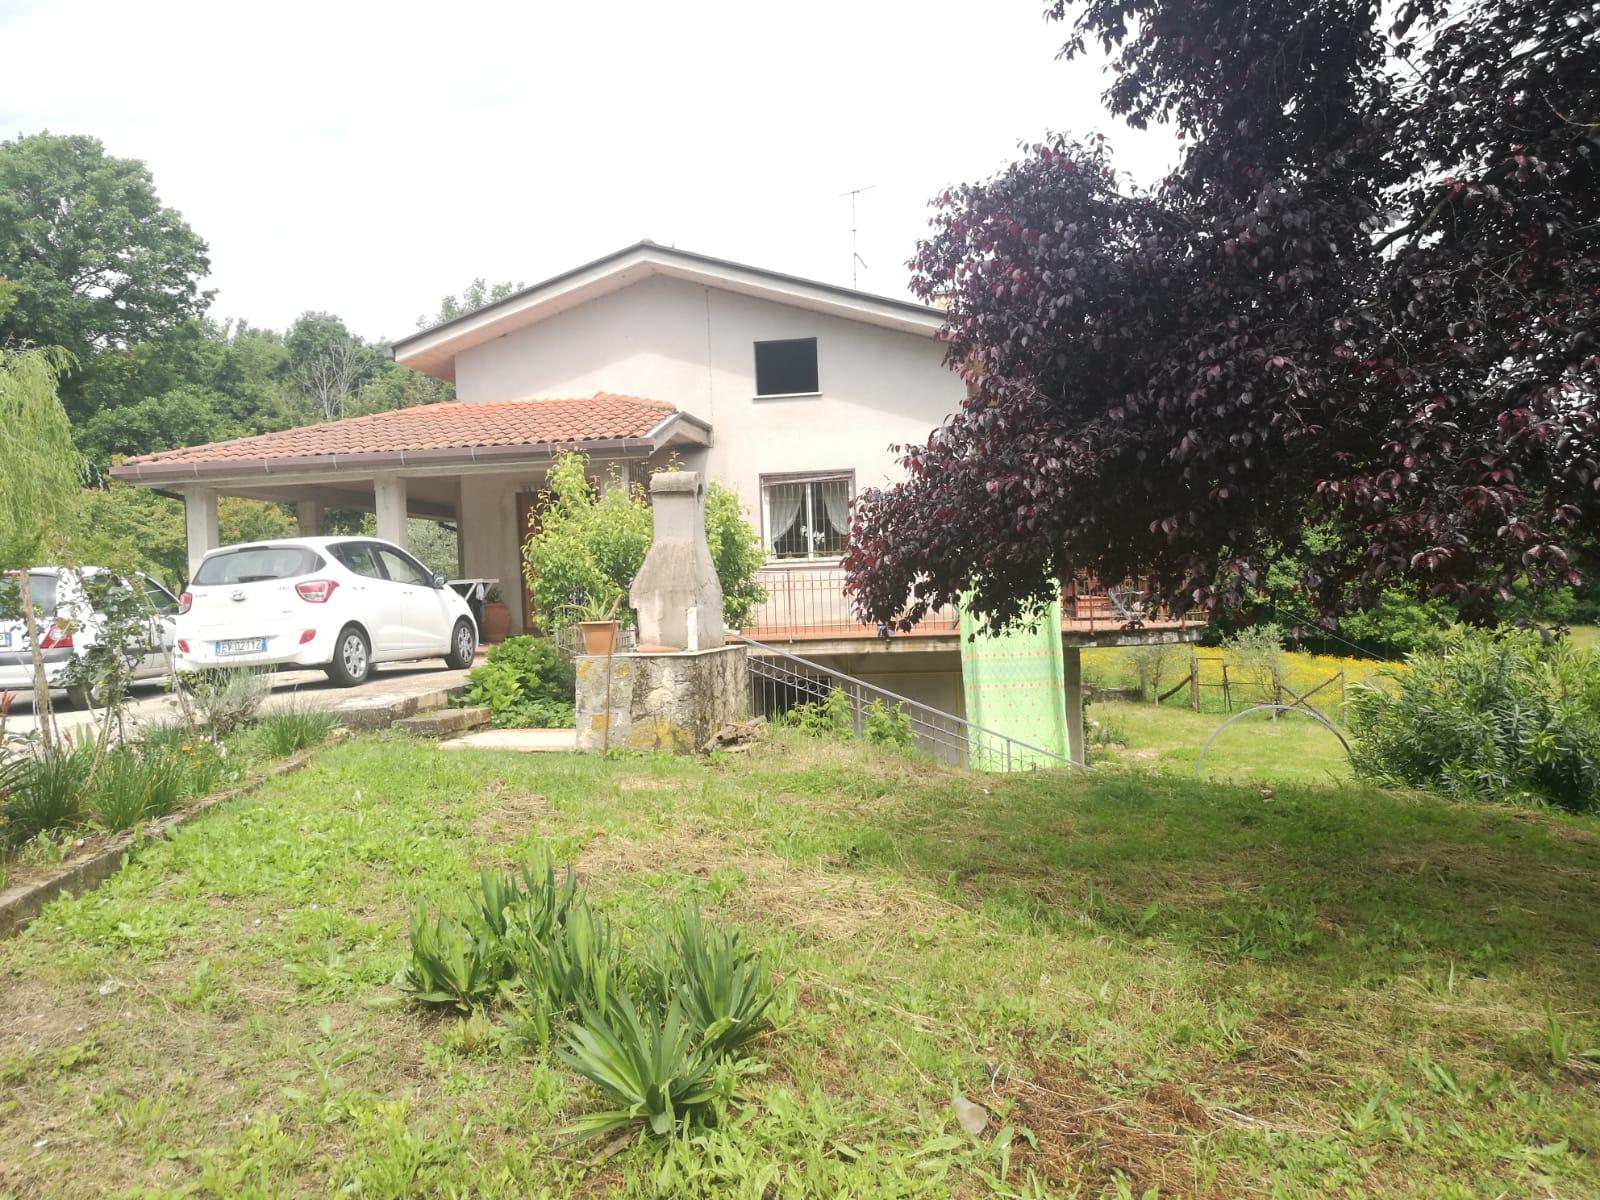 Villa in vendita a Gavignano, 5 locali, zona Località: C/DAVALLERICCIA, prezzo € 240.000 | CambioCasa.it